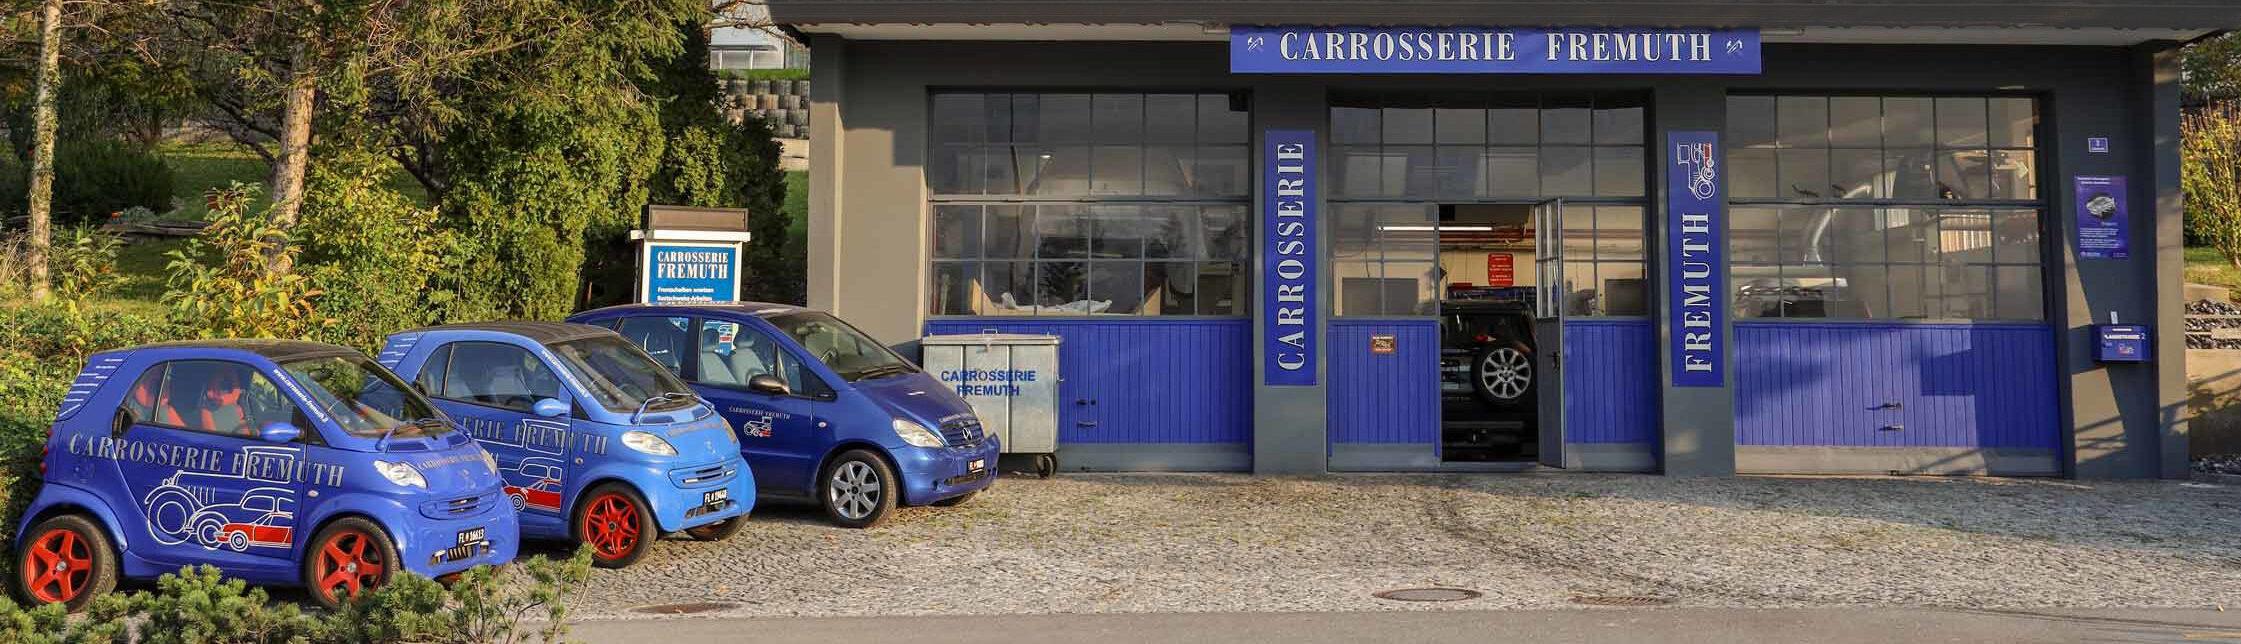 Carrosserie Fremuth   Werkstatt